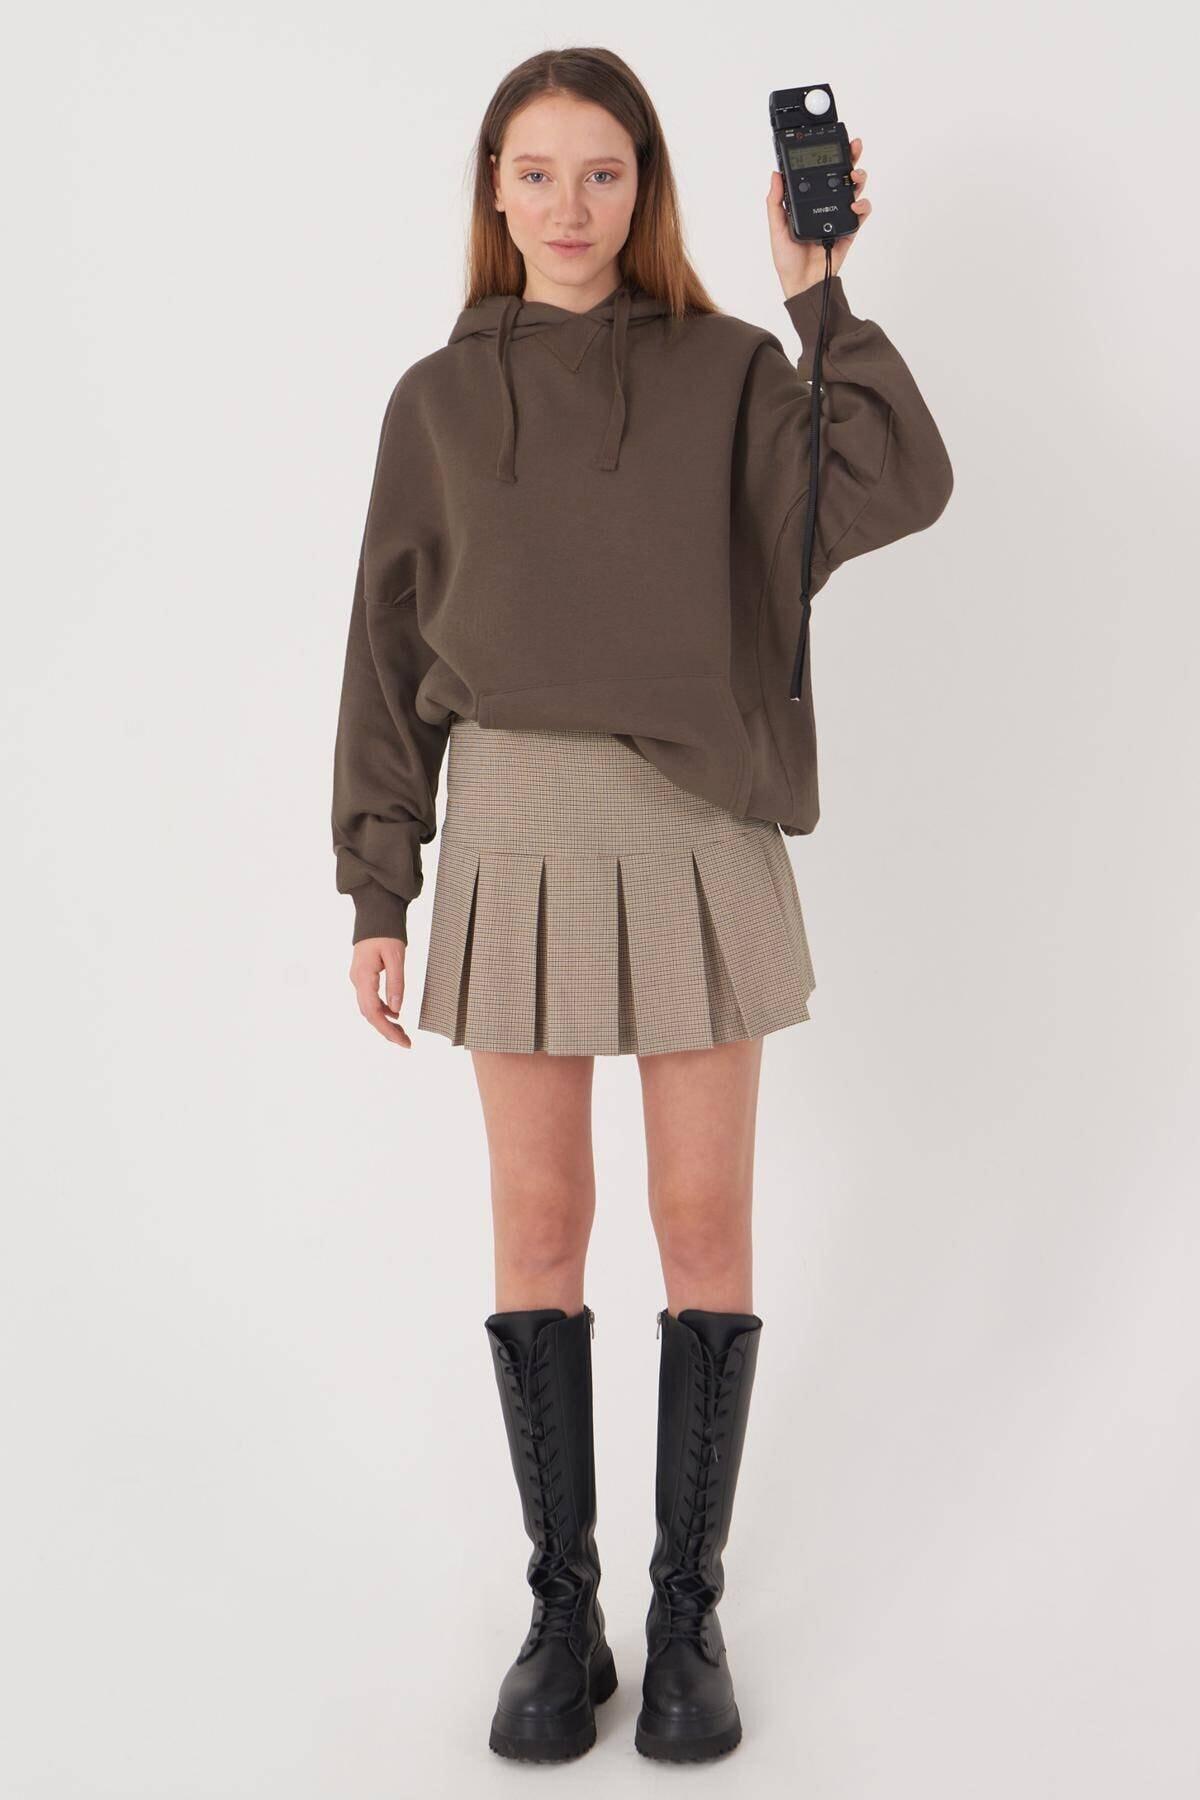 Addax Kadın Vizon Kapüşonlu Sweatshirt S0519 - P10V1 Adx-0000014040 4